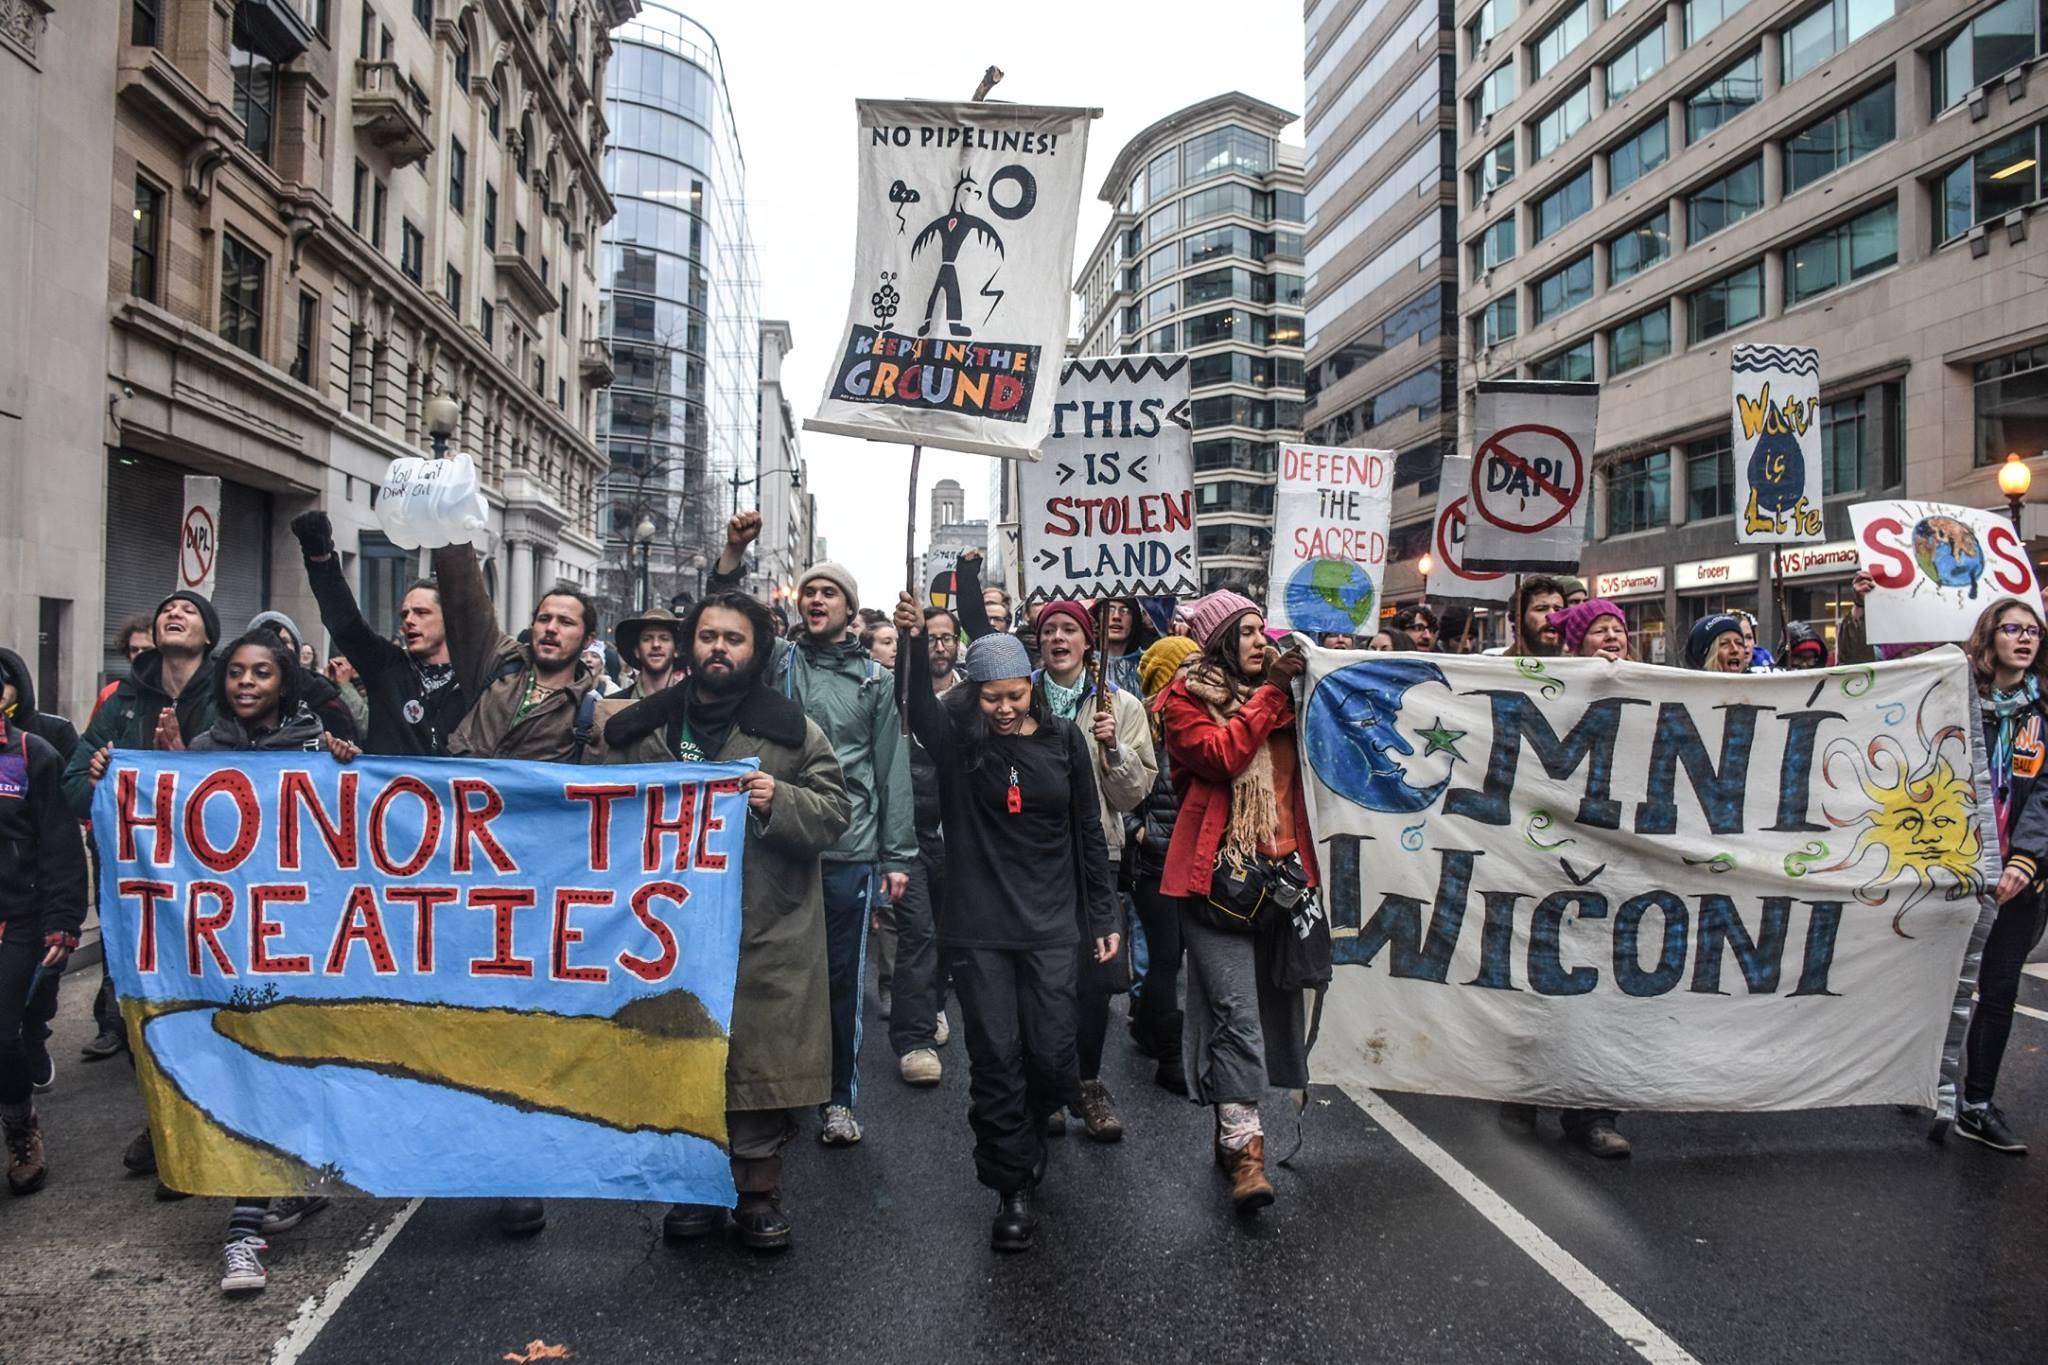 パイプラインに反対、アメリカ先住民への支援が世界に拡散 「ダイベストメント」とは?